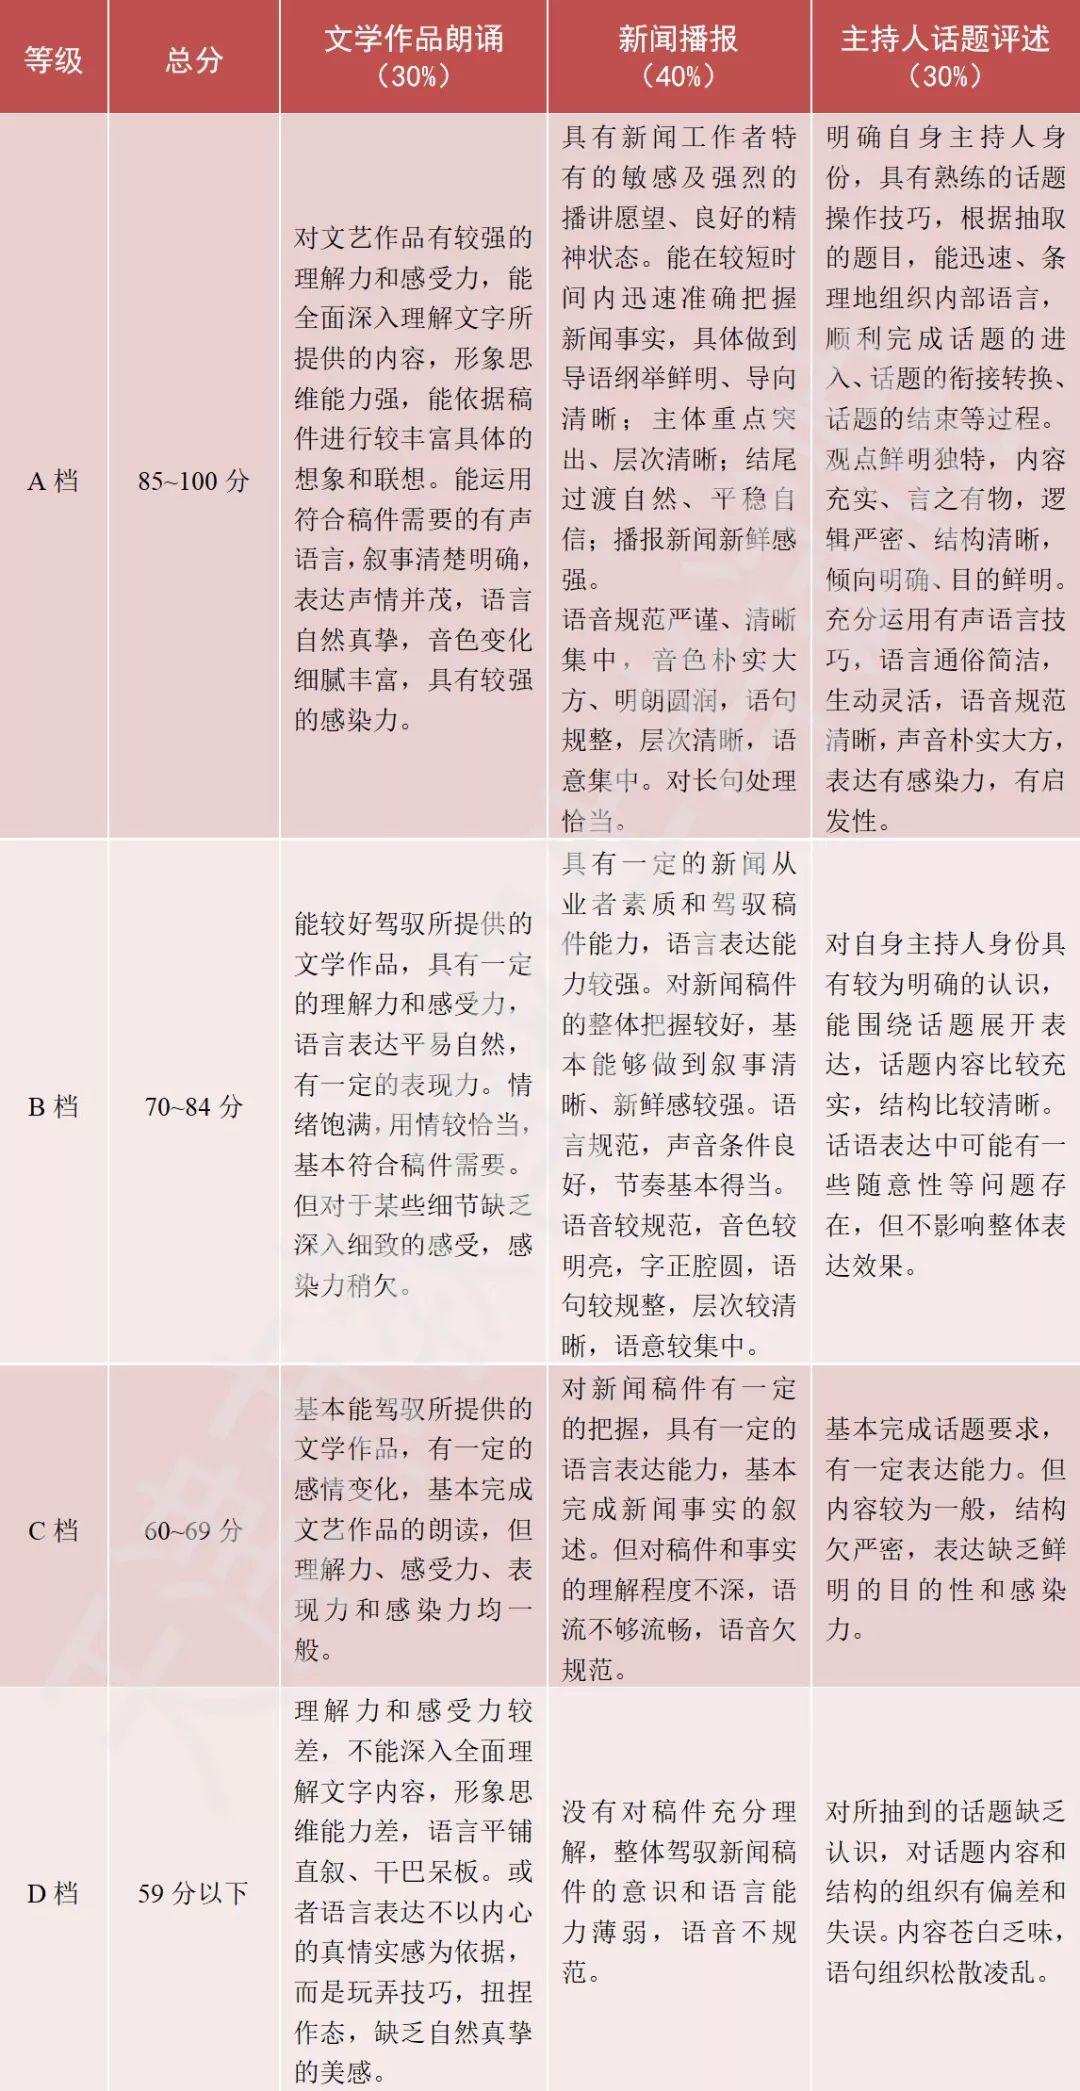 2020年天津播音与主持艺术专业统考考试大纲